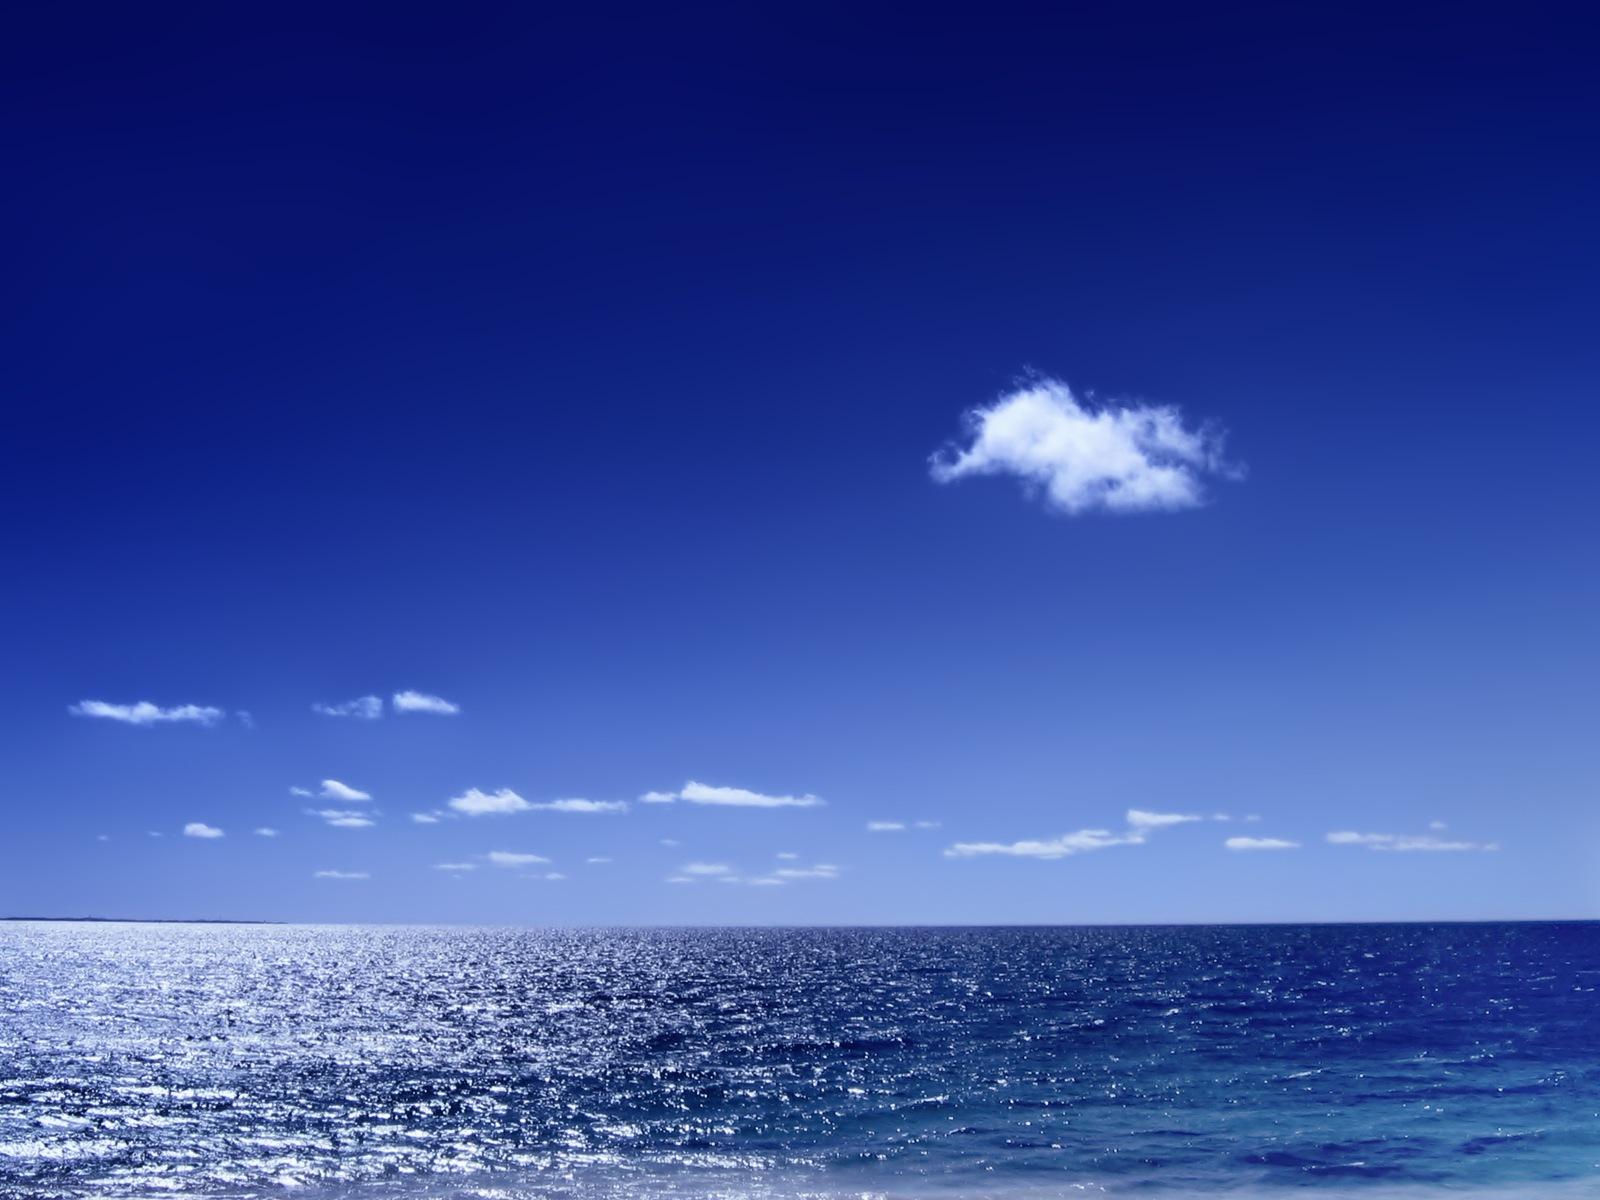 Blue Sea Wallpaper   Colors Wallpaper 34511307 1600x1200